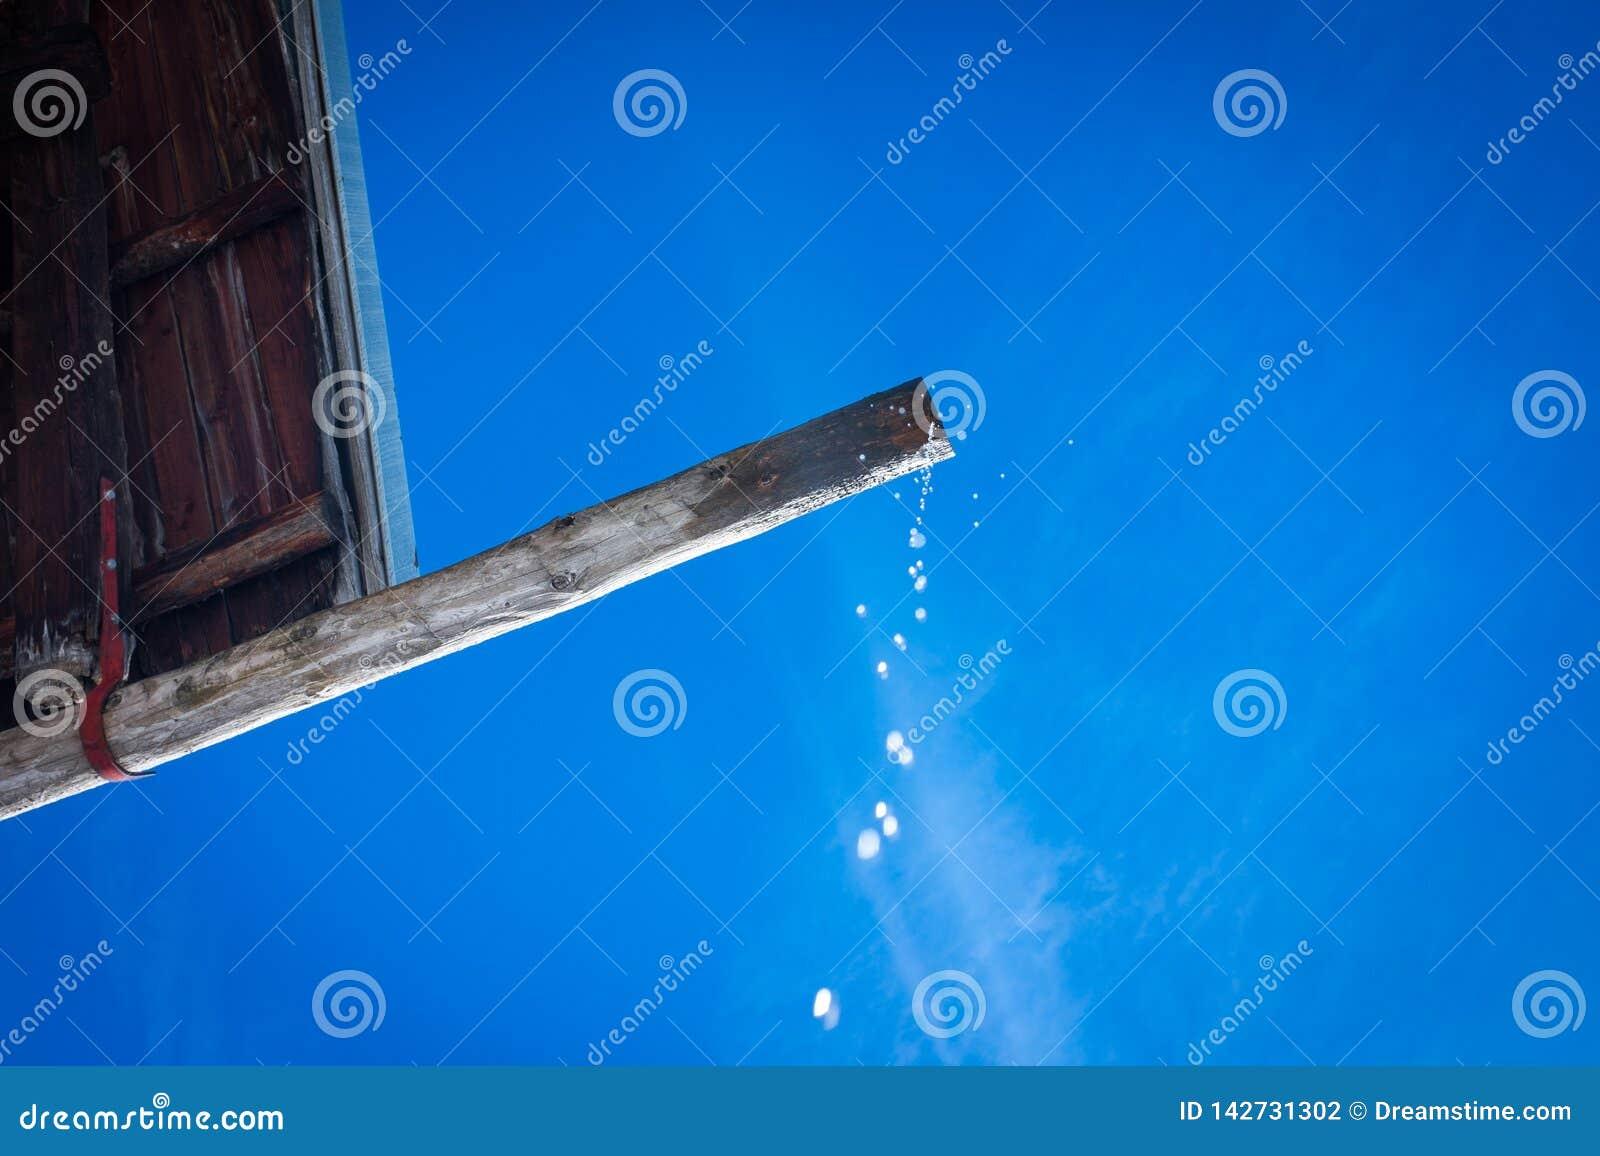 Tropfen, der von einem alten hölzernen Dach fällt